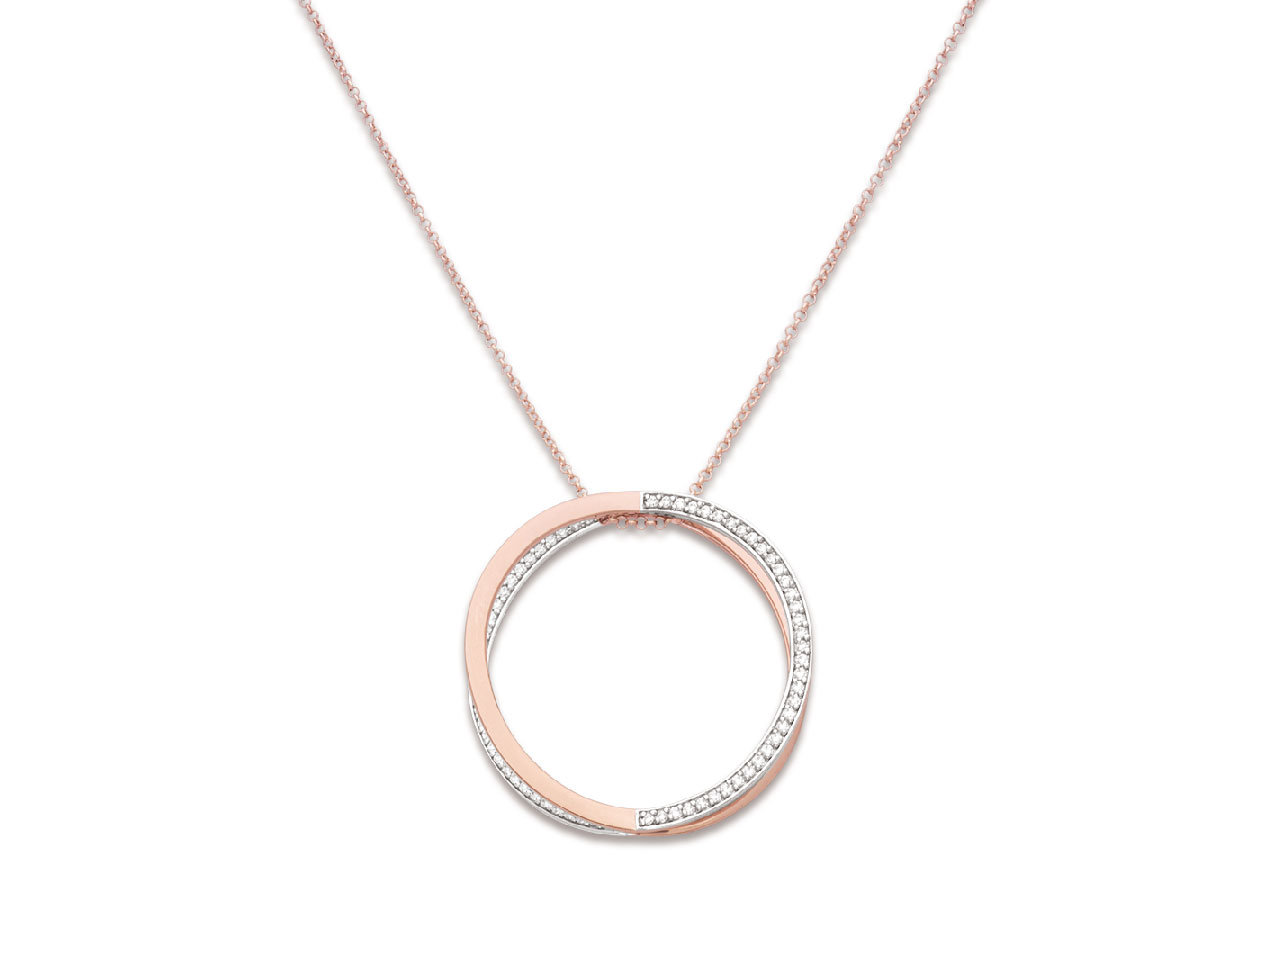 Collier motif double Cercle avec Oxydes de zirconium sur chaîne, Argent 925 rhodié plaqué rose